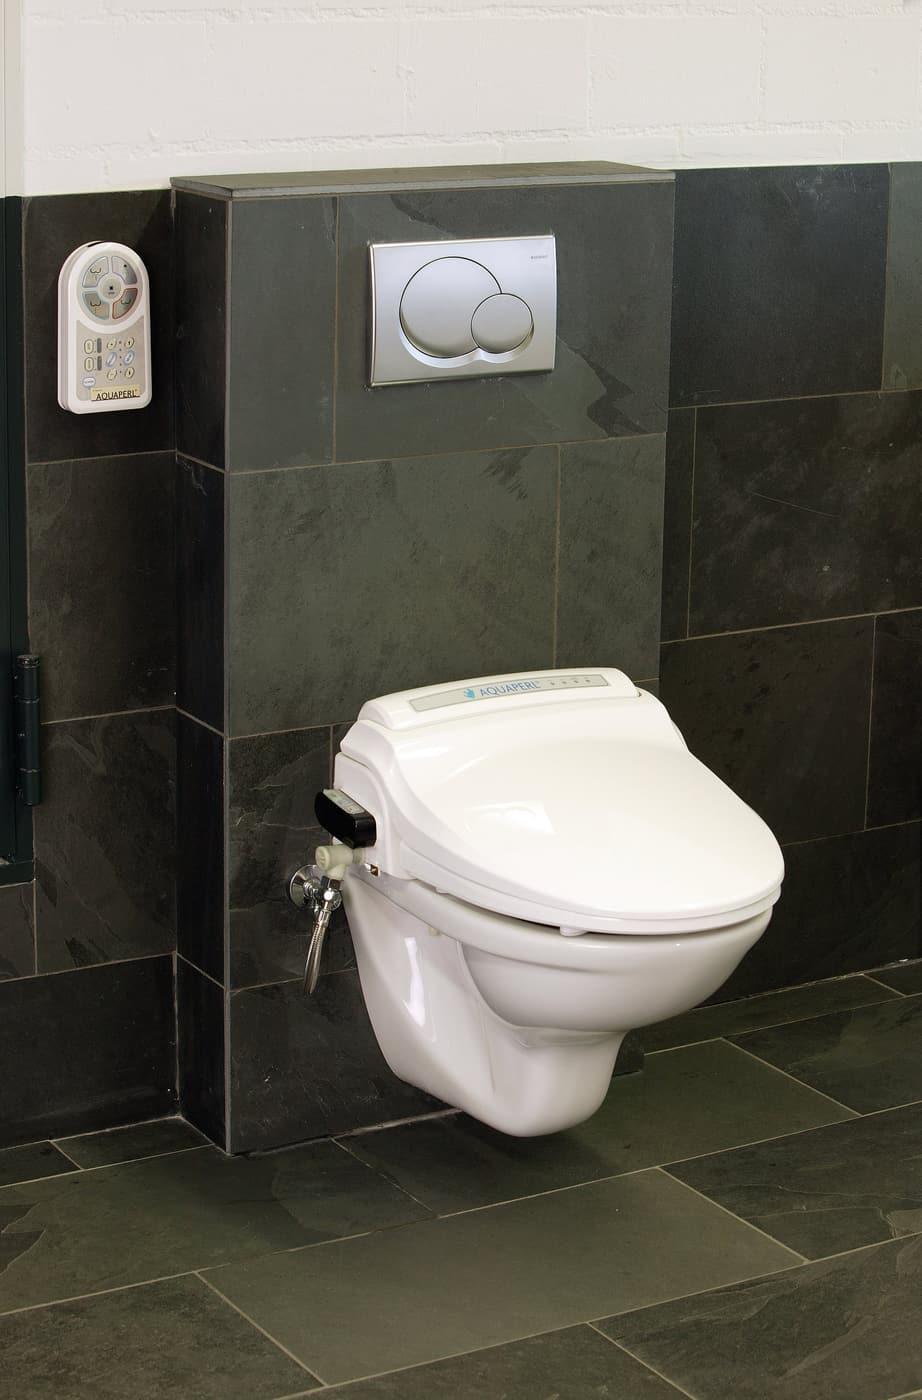 do it garden dusch wc sitz aquaperl mit fernbedienung migros. Black Bedroom Furniture Sets. Home Design Ideas